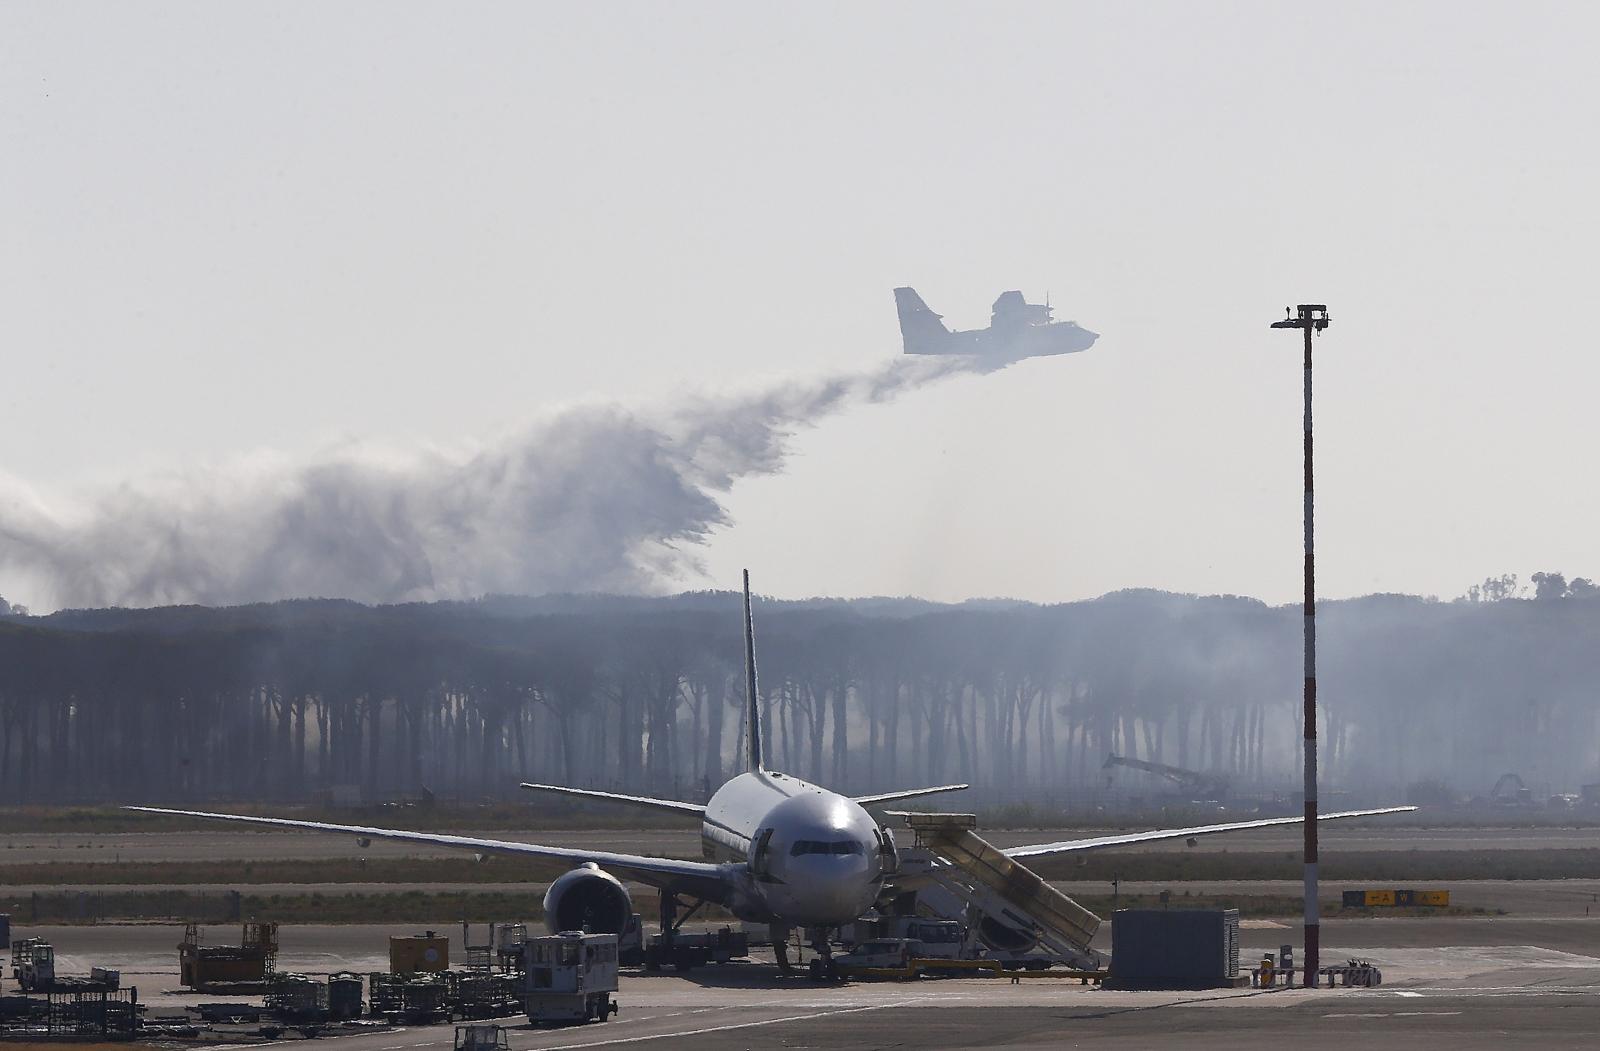 Rome's Fiumicino airport Fire